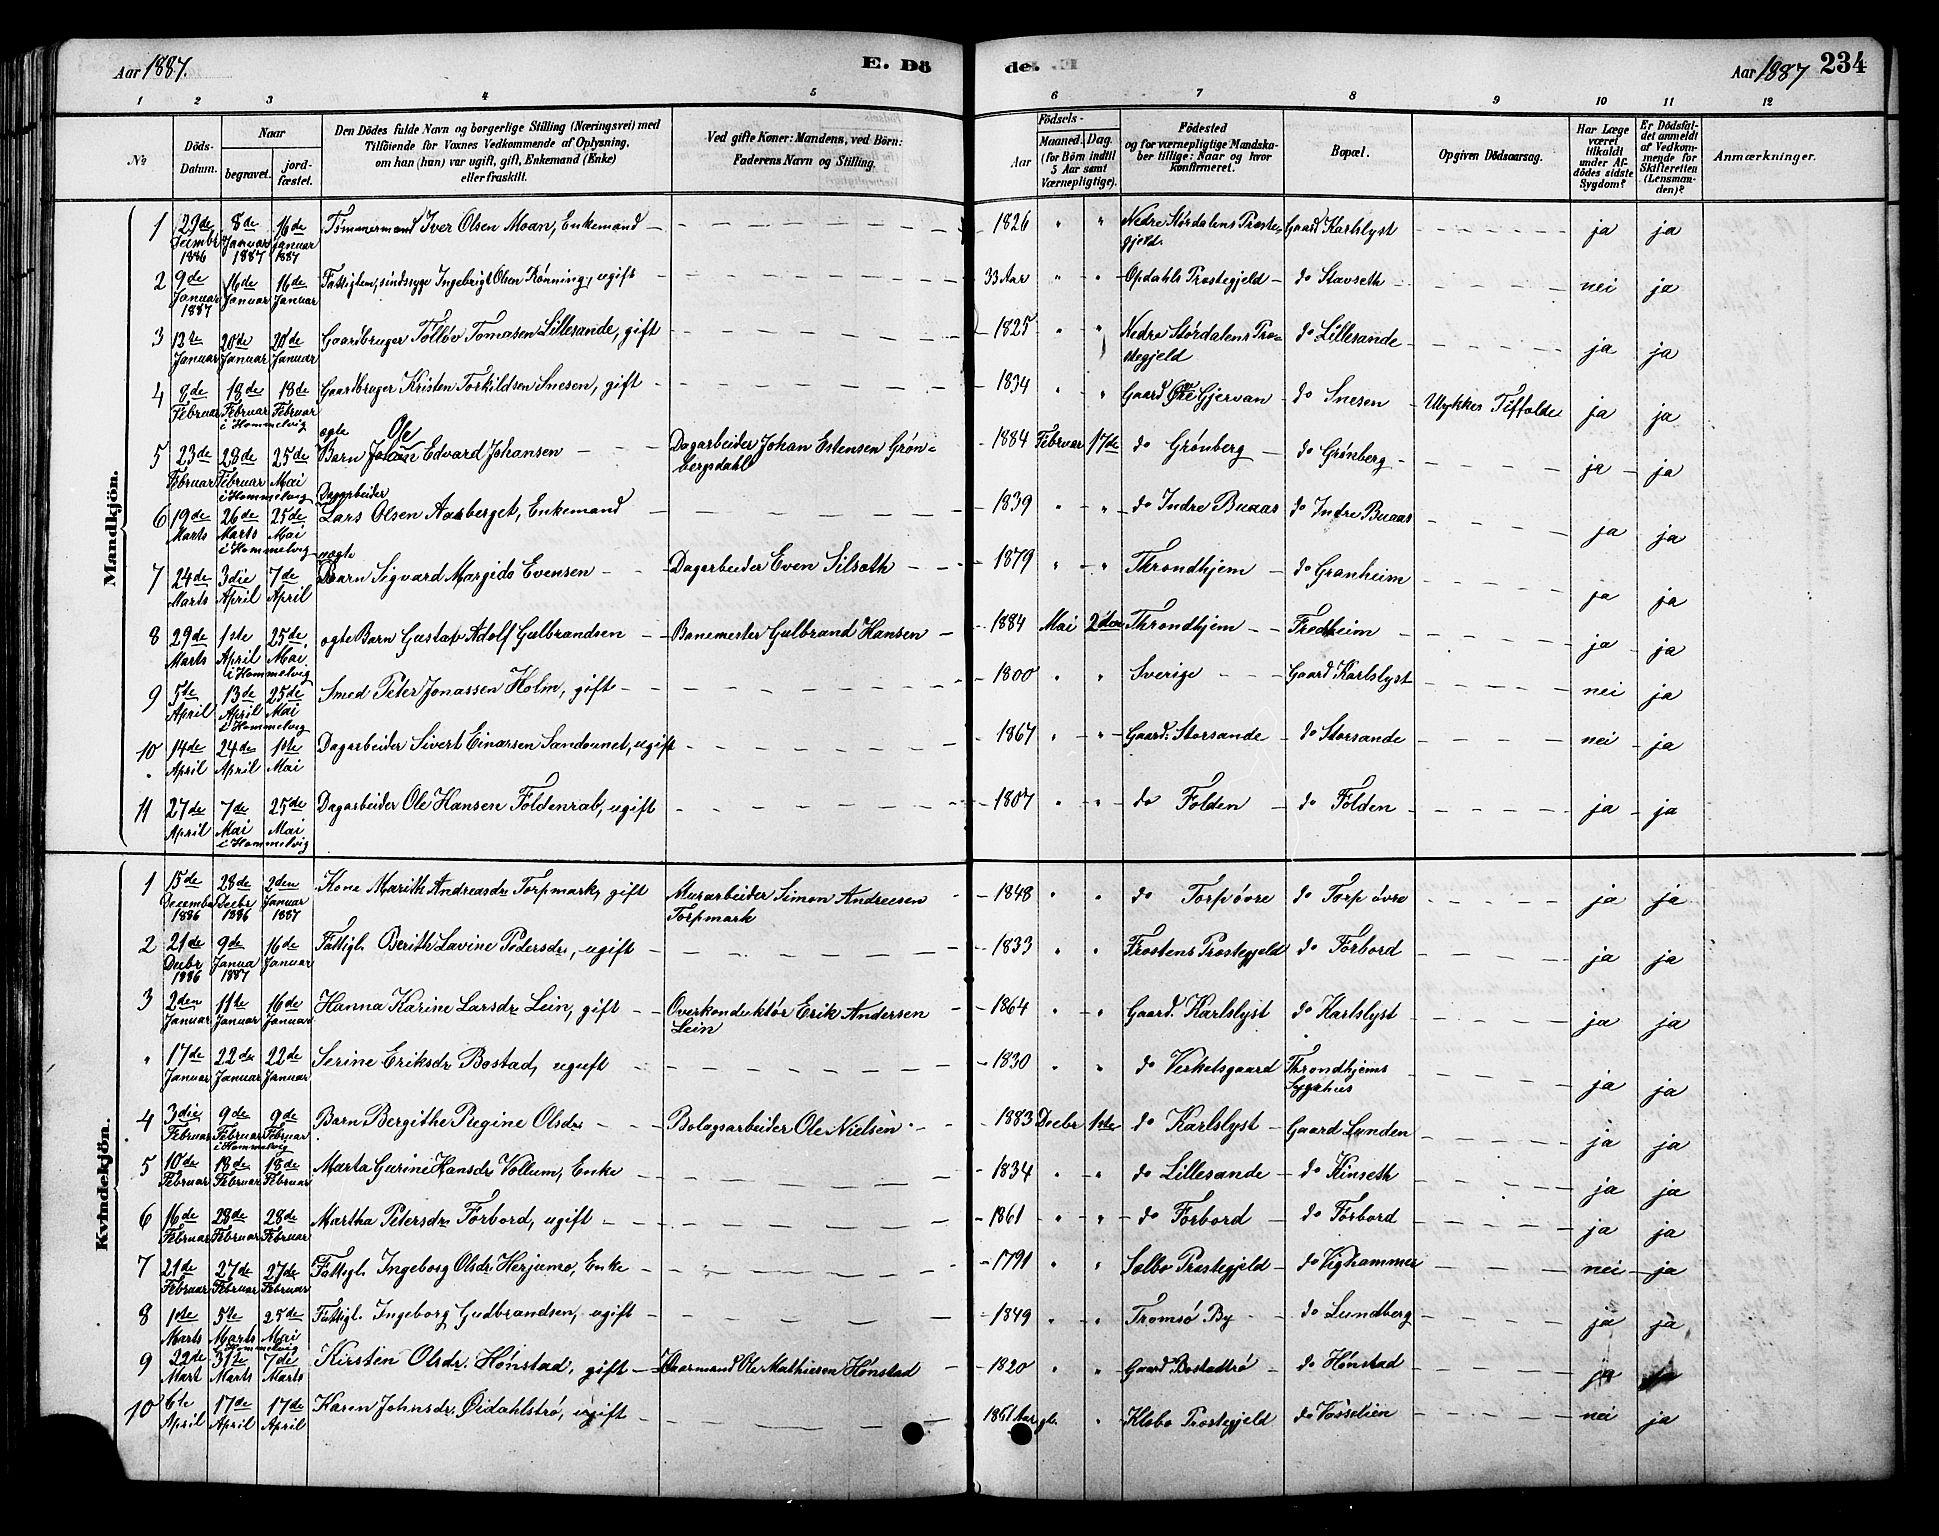 SAT, Ministerialprotokoller, klokkerbøker og fødselsregistre - Sør-Trøndelag, 616/L0423: Klokkerbok nr. 616C06, 1878-1903, s. 234